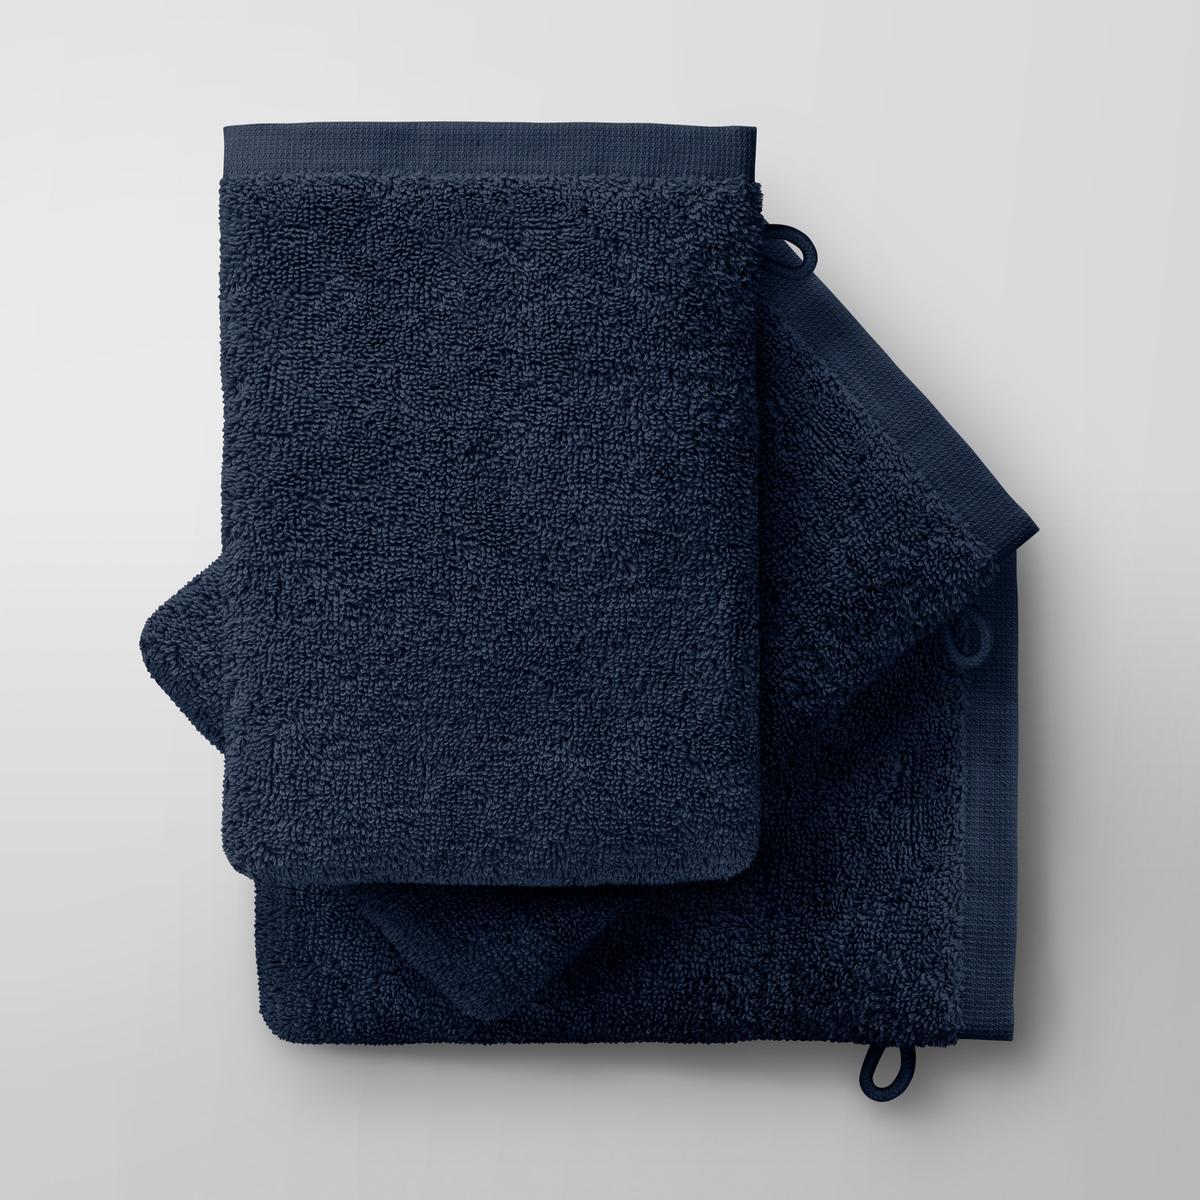 3 рукавицы банные Gilbear из 100% хлопка 3 рукавицы банные gilbear из 100% хлопка